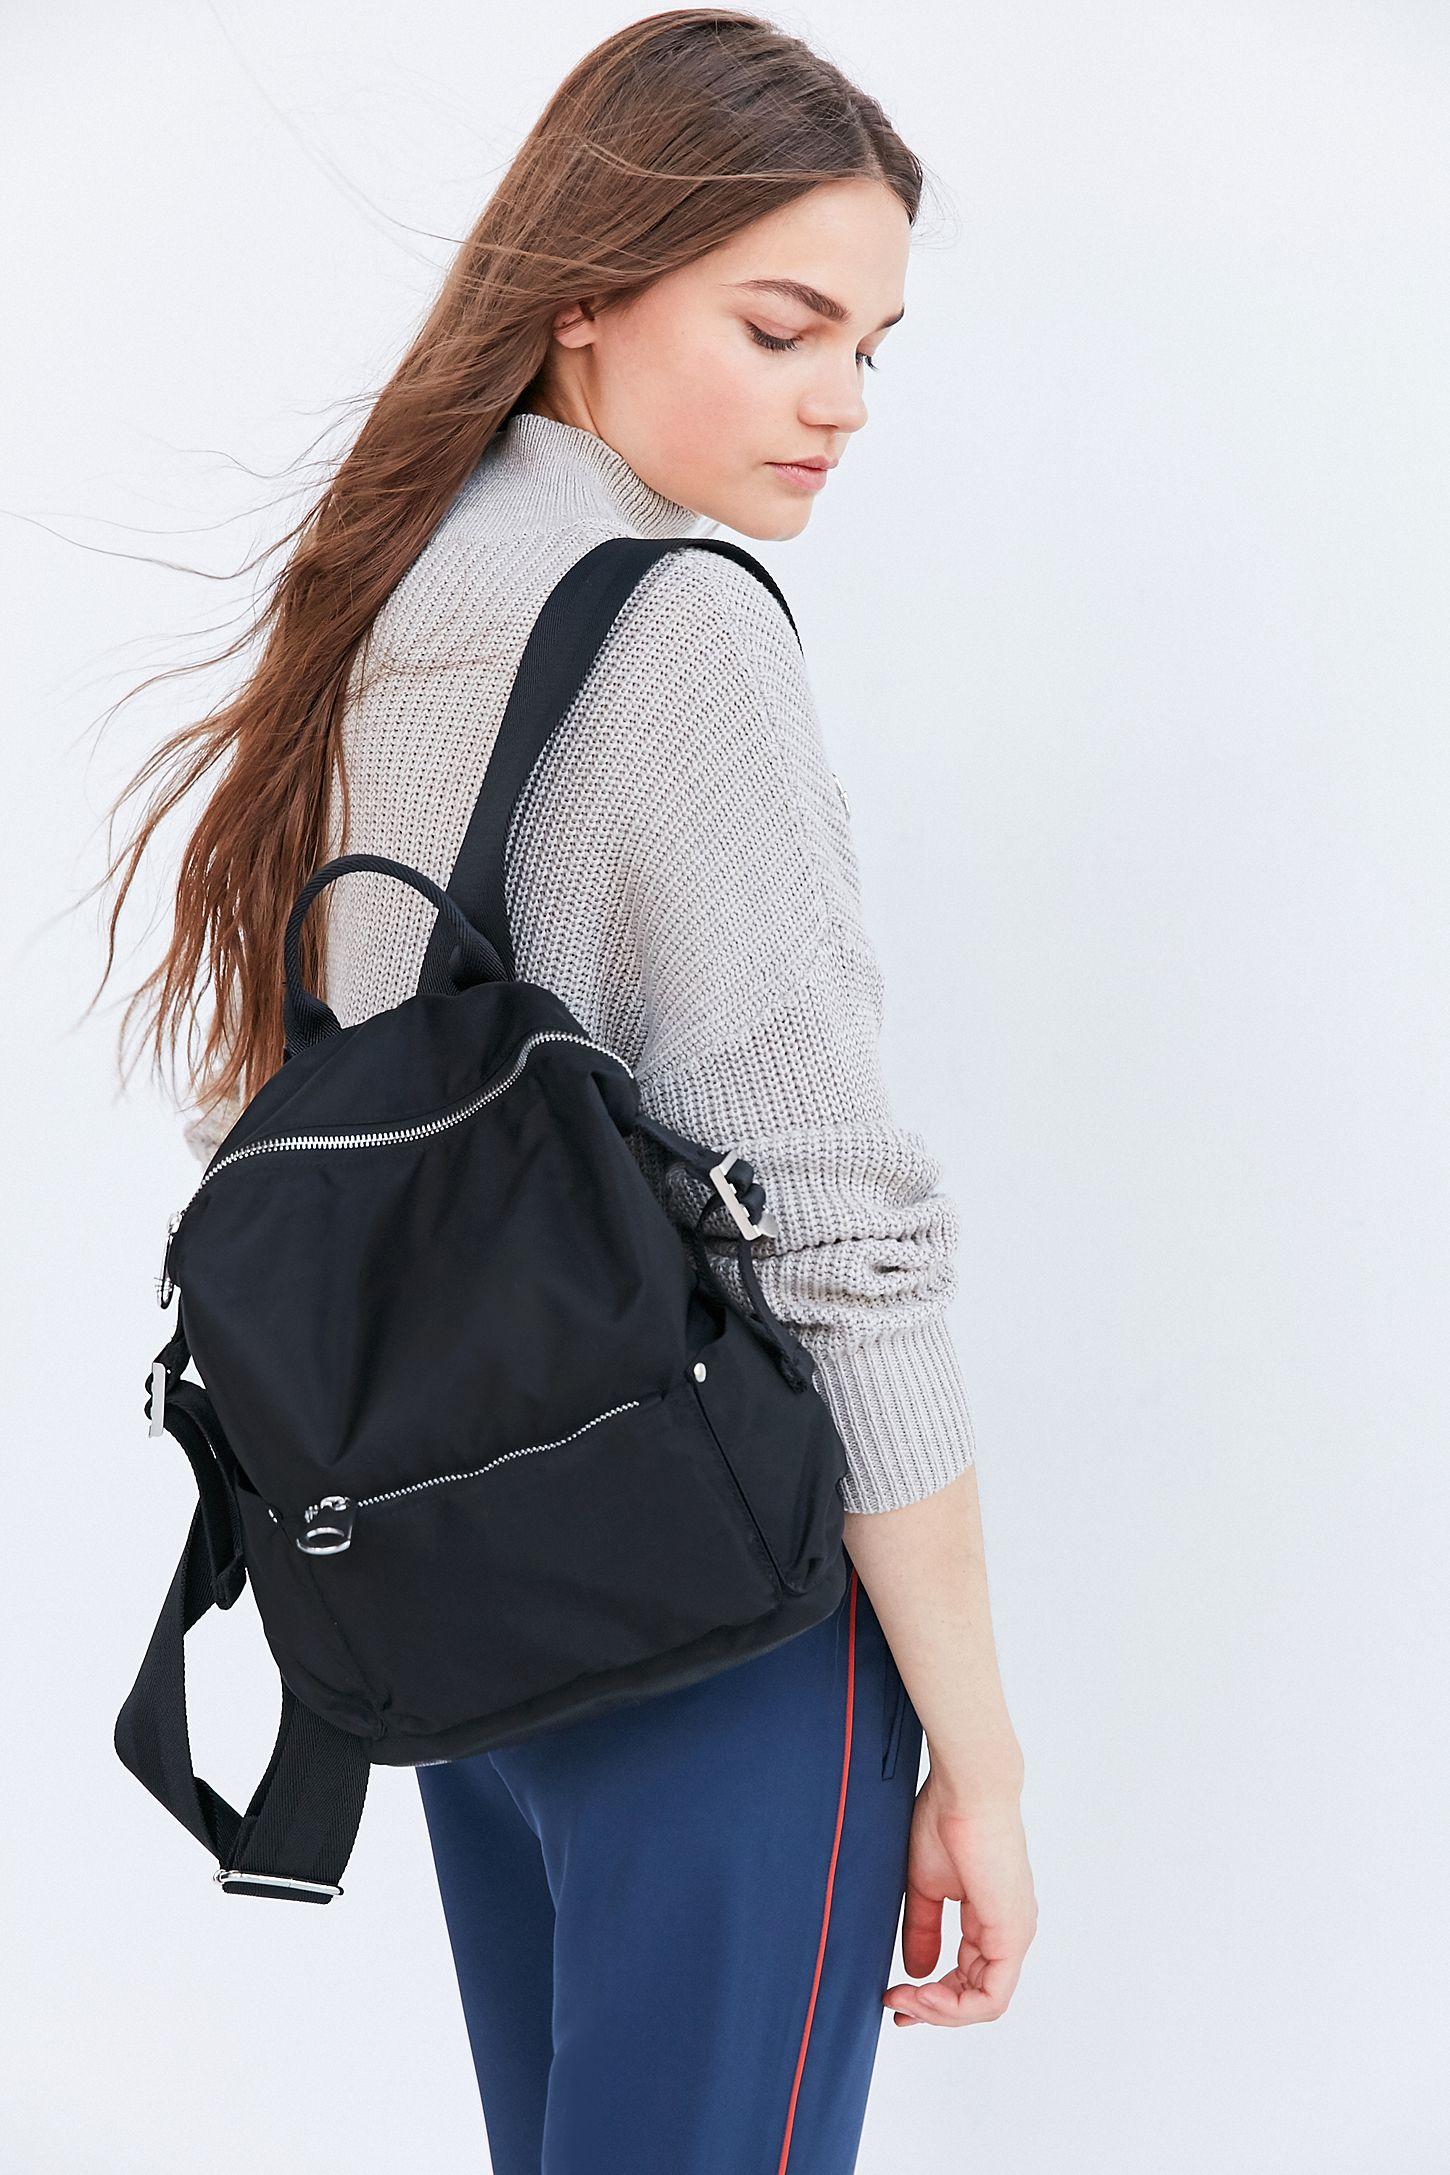 4a6b586eae2 Silence + Noise Mini Nylon Backpack